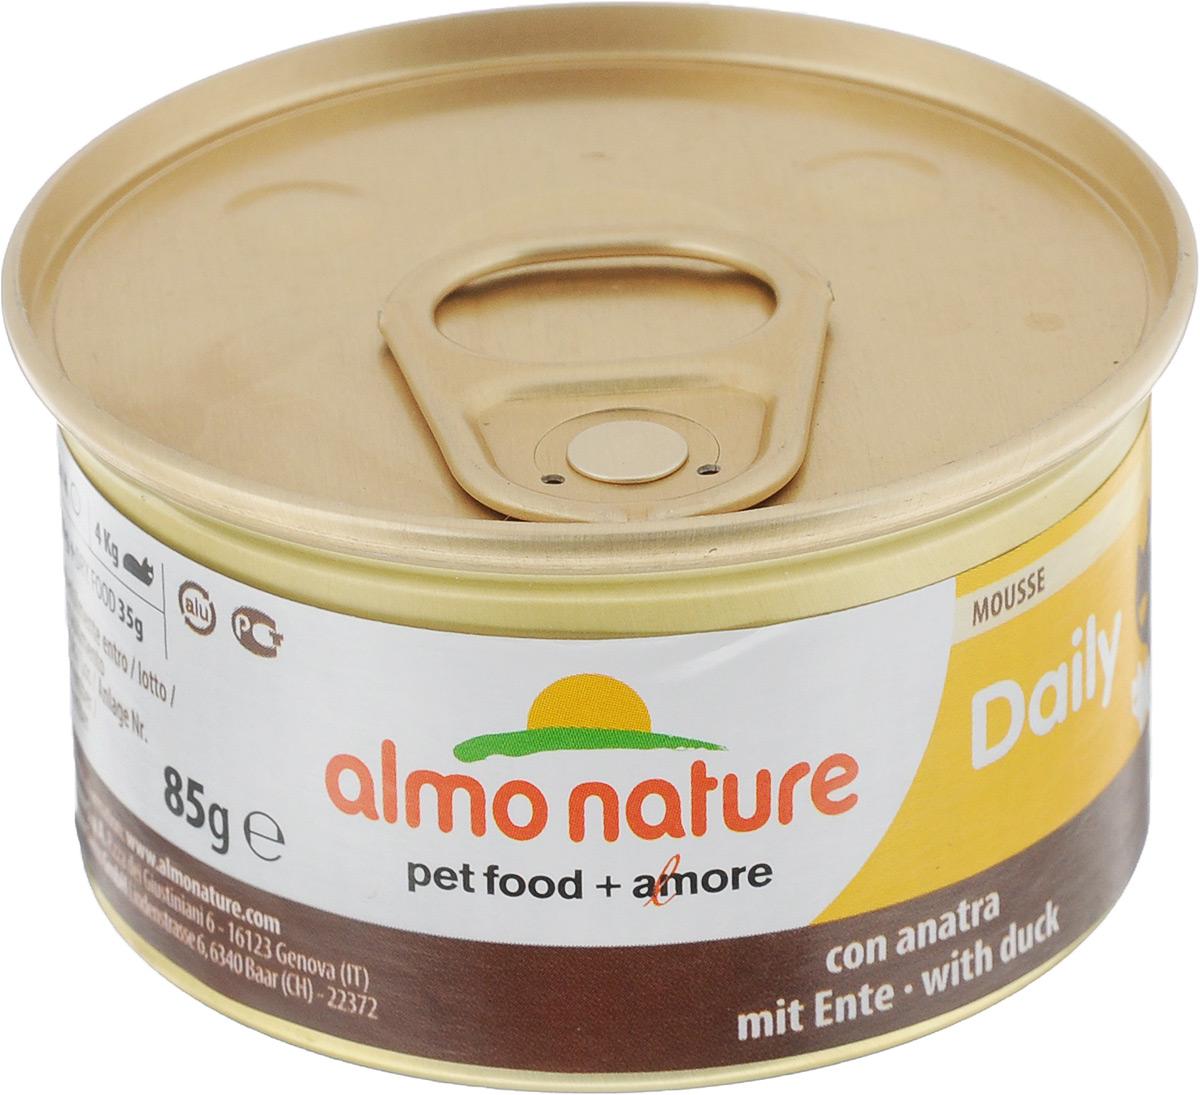 Консервы для кошек Almo Nature, нежный мусс с уткой, 85 г20347Консервы для кошек Almo Nature сохраняют свежесть каждого кусочка. Корм изготовлен только из свежих высококачественных натуральных ингредиентов, что обеспечивает здоровье вашей кошки. Не содержит ГМО, антибиотиков, химических добавок, консервантов и красителей. Состав: мясо и его производные (утка 4%), минералы, экстракт растительных волокон. Добавки: витамин A 1110 IU/кг, витамин D3 140 IU/кг, витамин E 10 мг/кг, таурин 490 мг/кг, сульфат меди пентагидрат 4,4 мг/кг (Cu 1.1 мг/кг). Технологические добавки: камедь кассии 3000 мг/кг. Пищевая ценность: белки 9,5%, клетчатка 0,4%, масла и жиры 6%, зола 2%, влажность 81%. Калорийность: 881 килокалорий/кг. Товар сертифицирован.